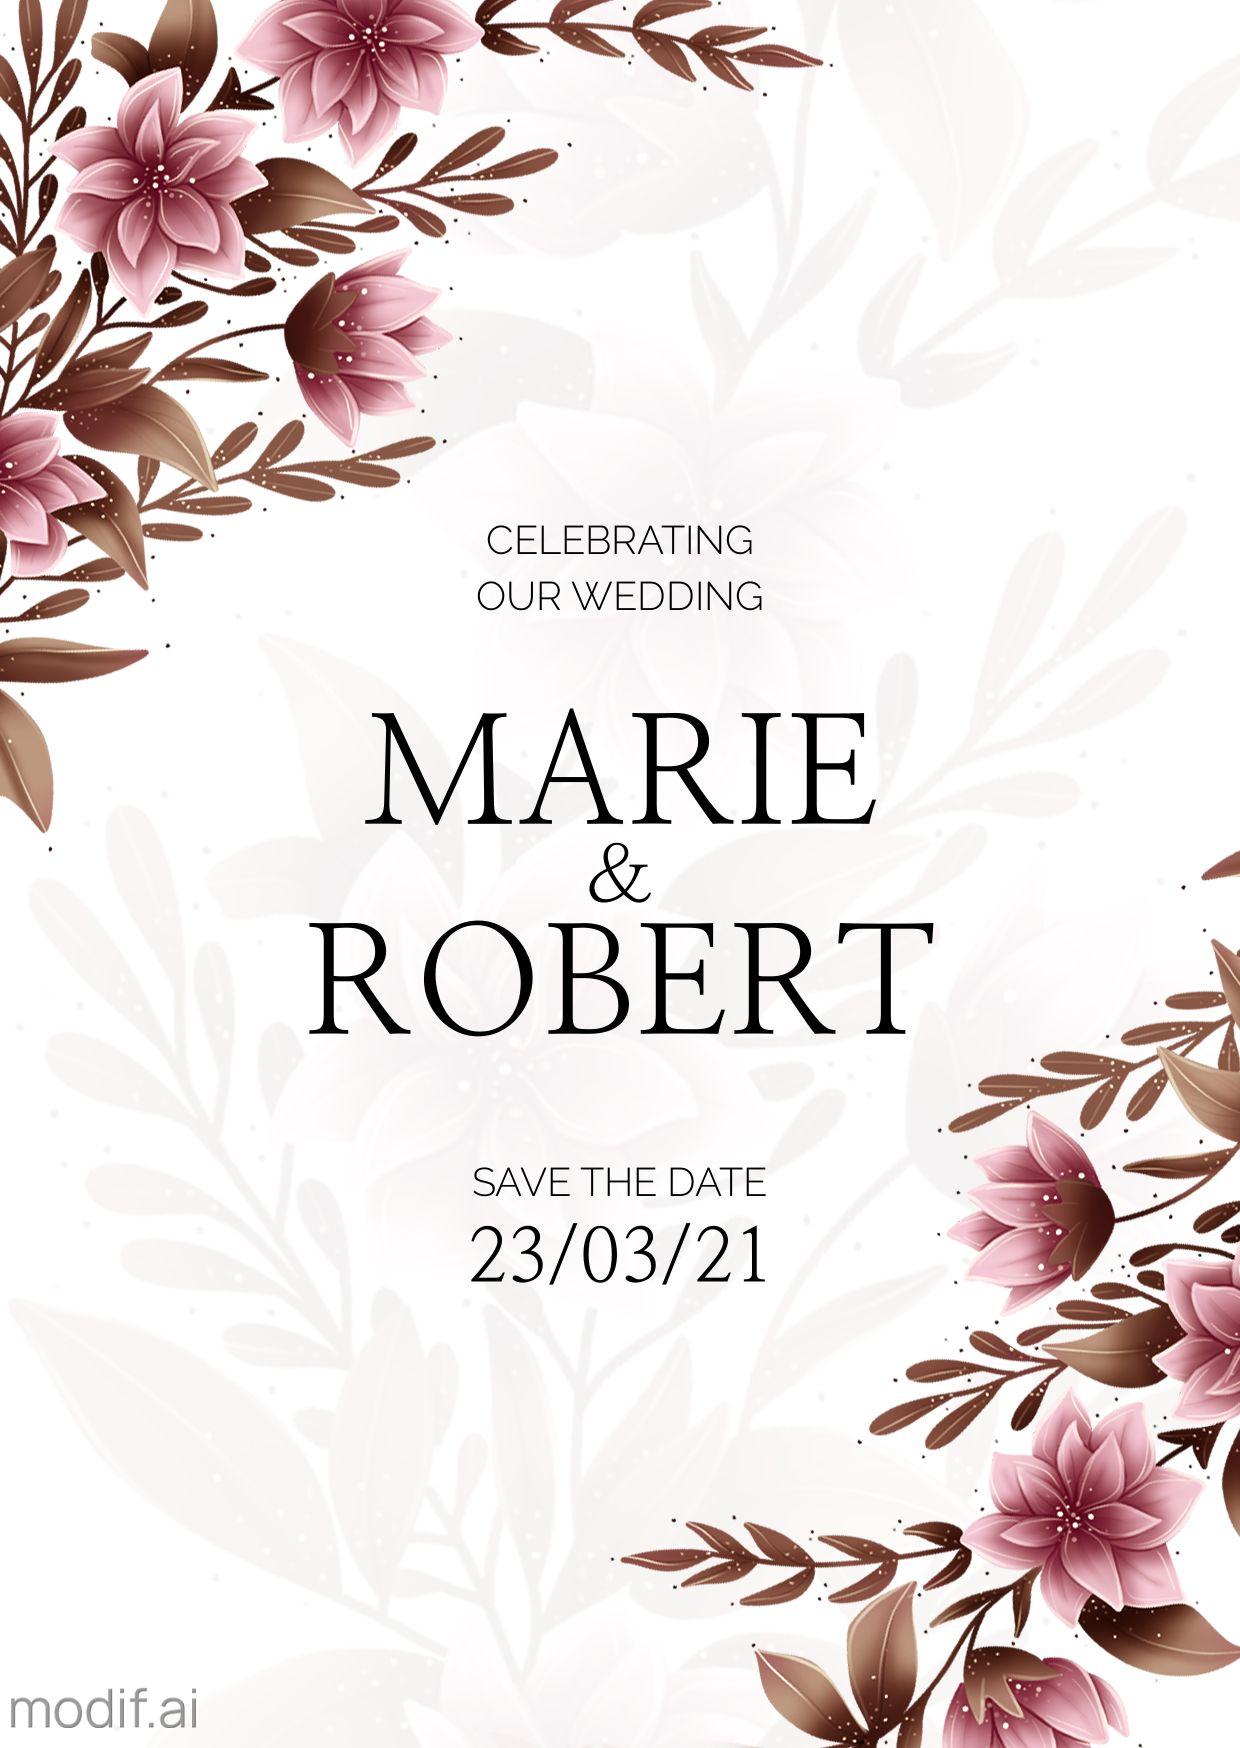 Minimal Wedding Invitation Template